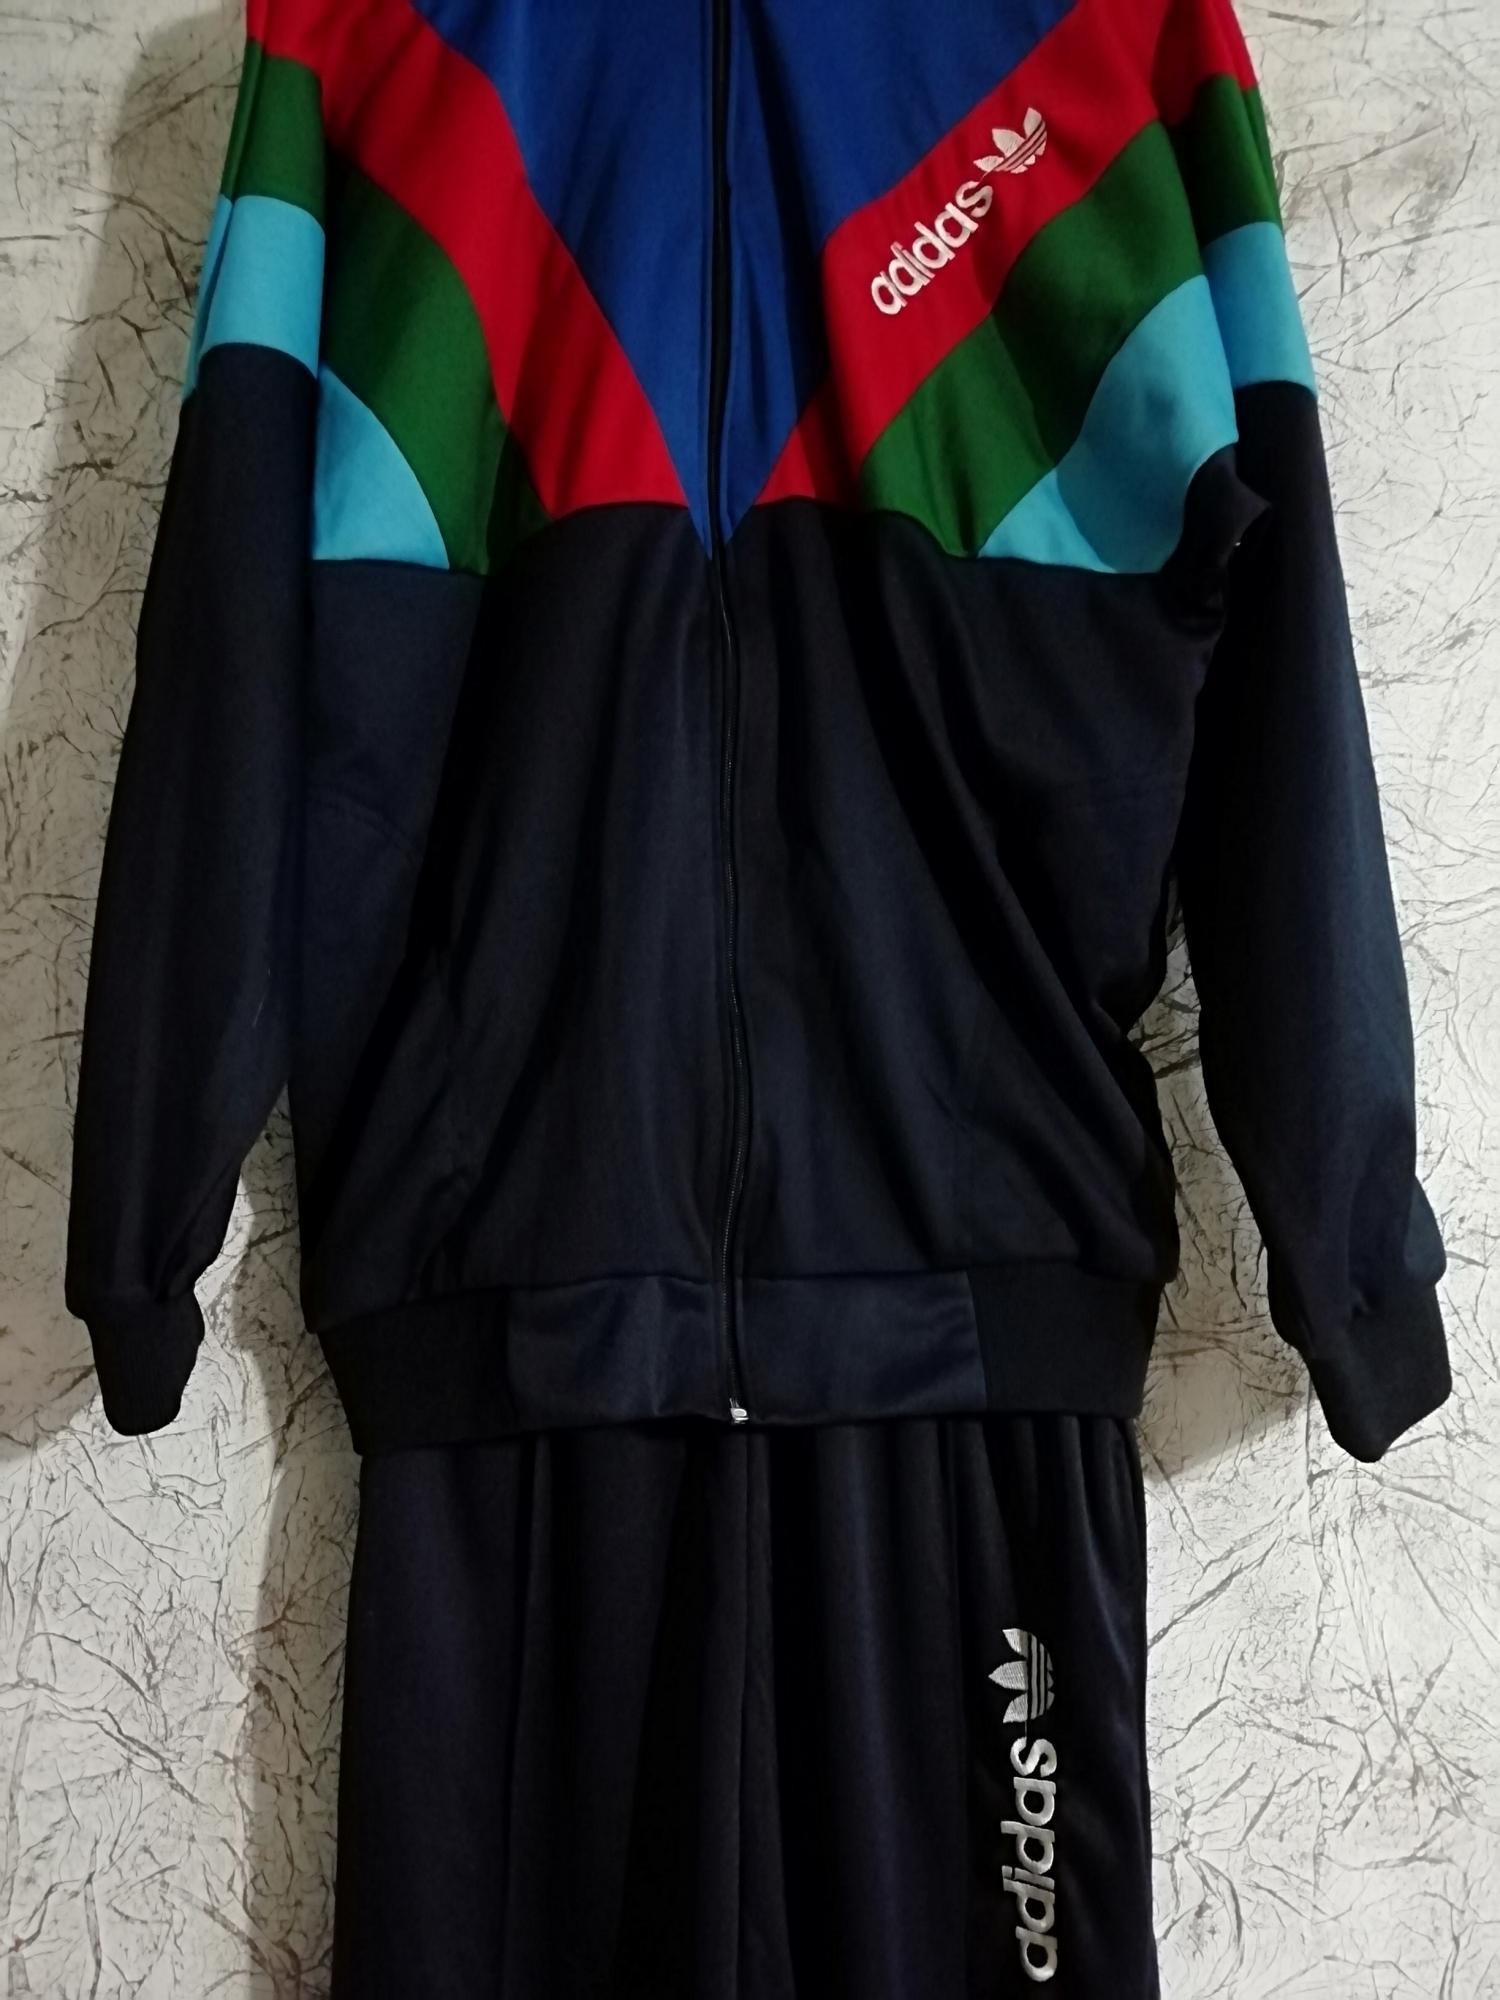 НОВЫЙ Спортивный костюм Adidas из СССР, размер XXL в Подольске купить 2